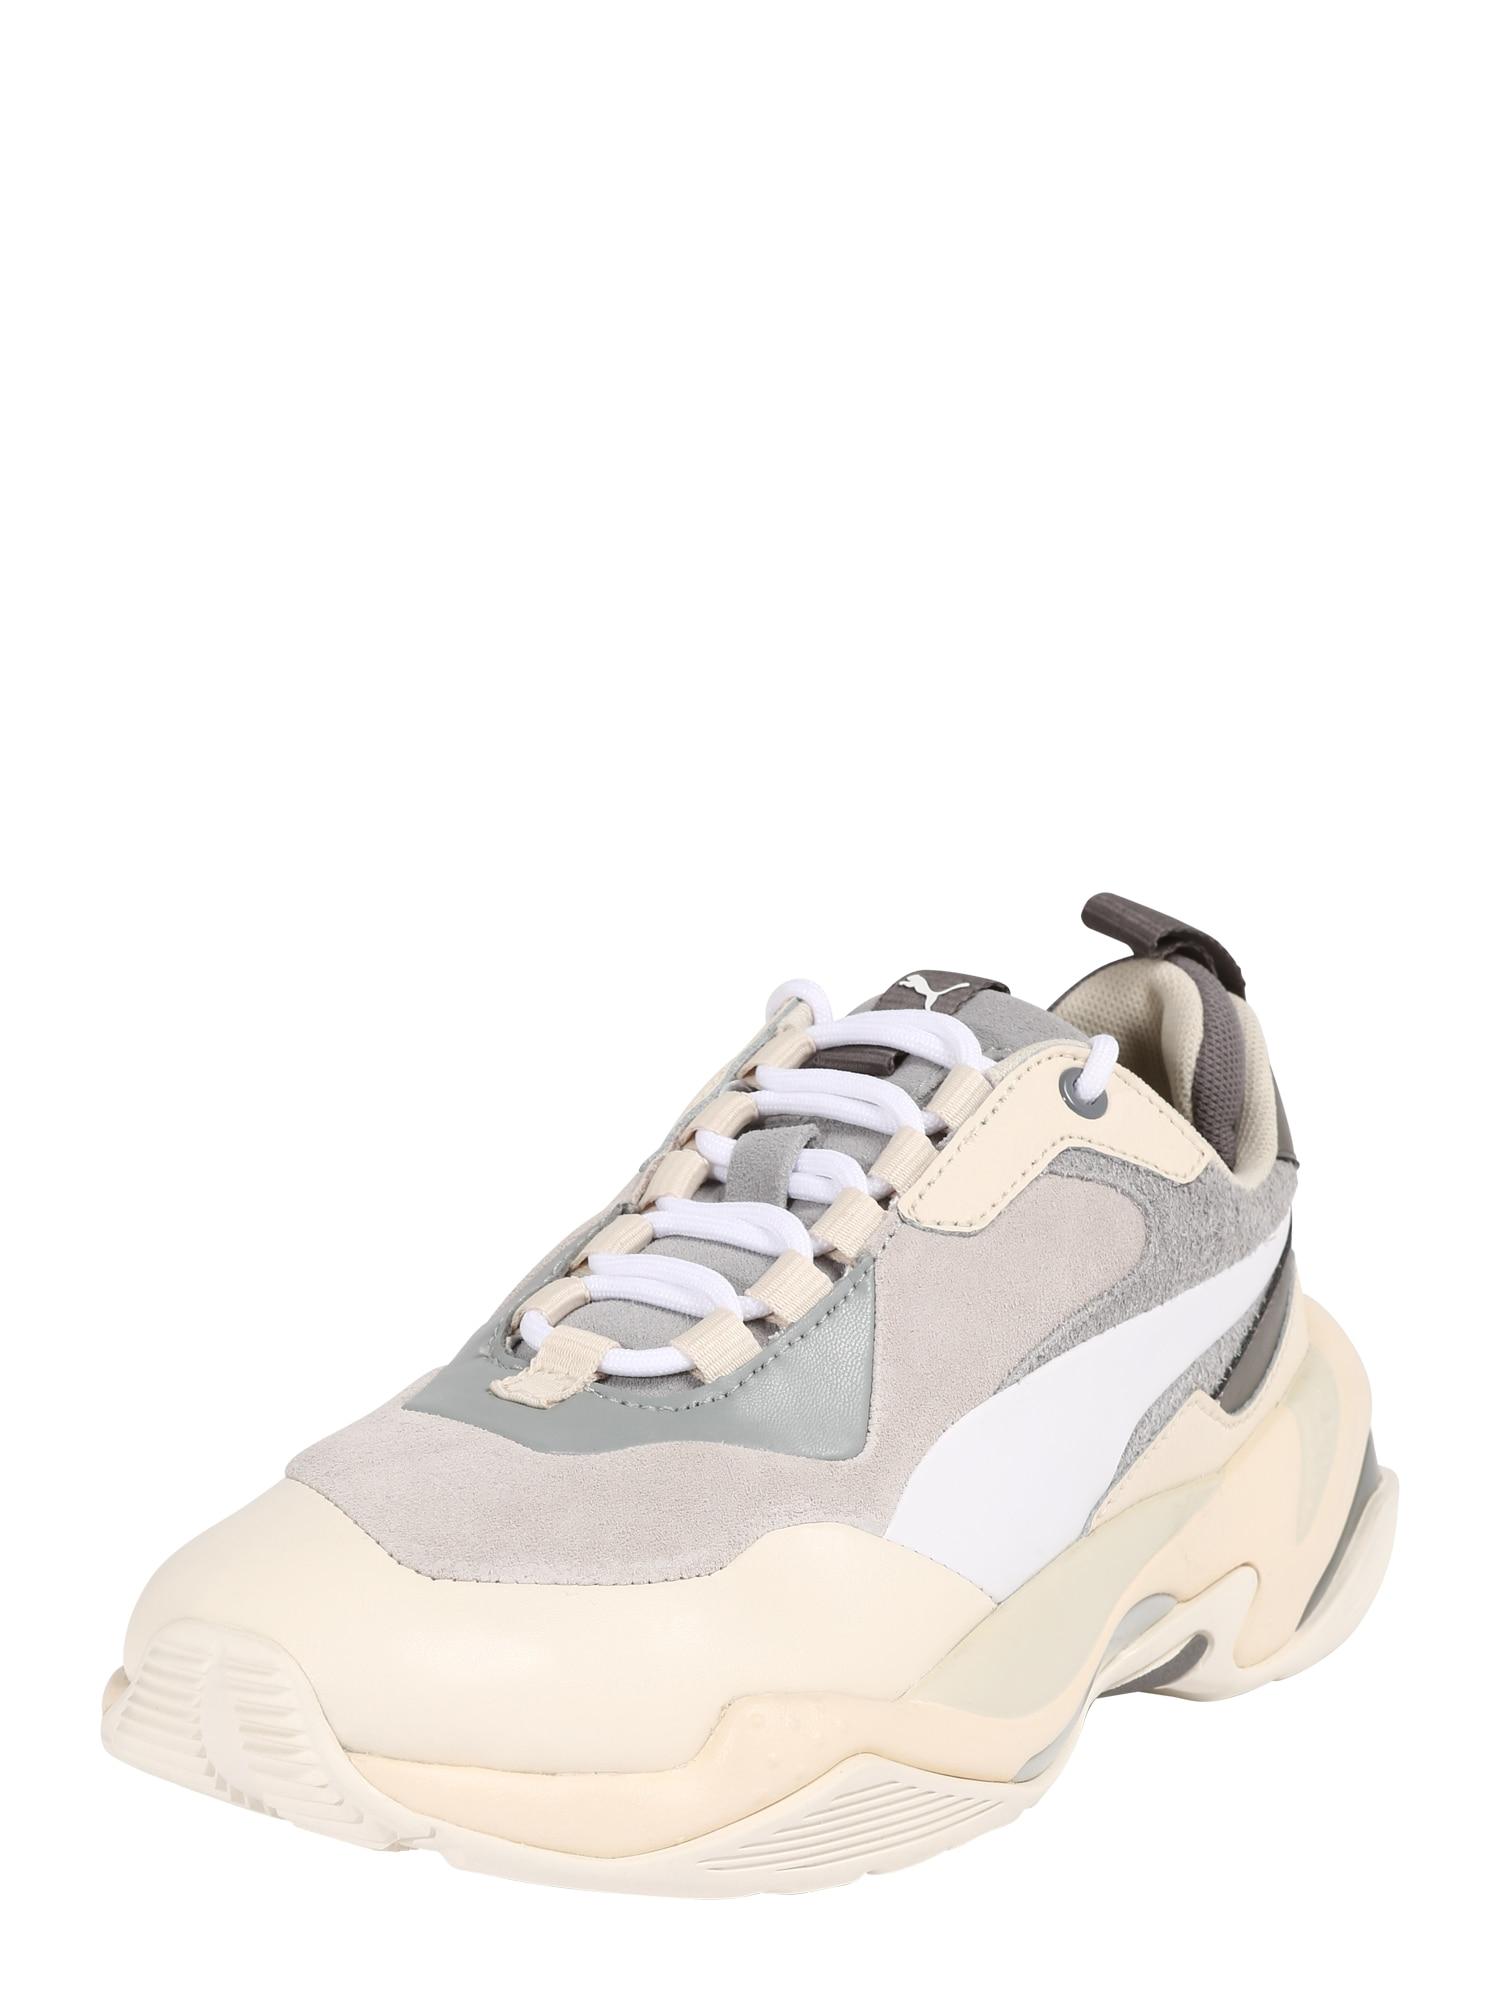 Tenisky Thunder Colour Block šedá bílá PUMA